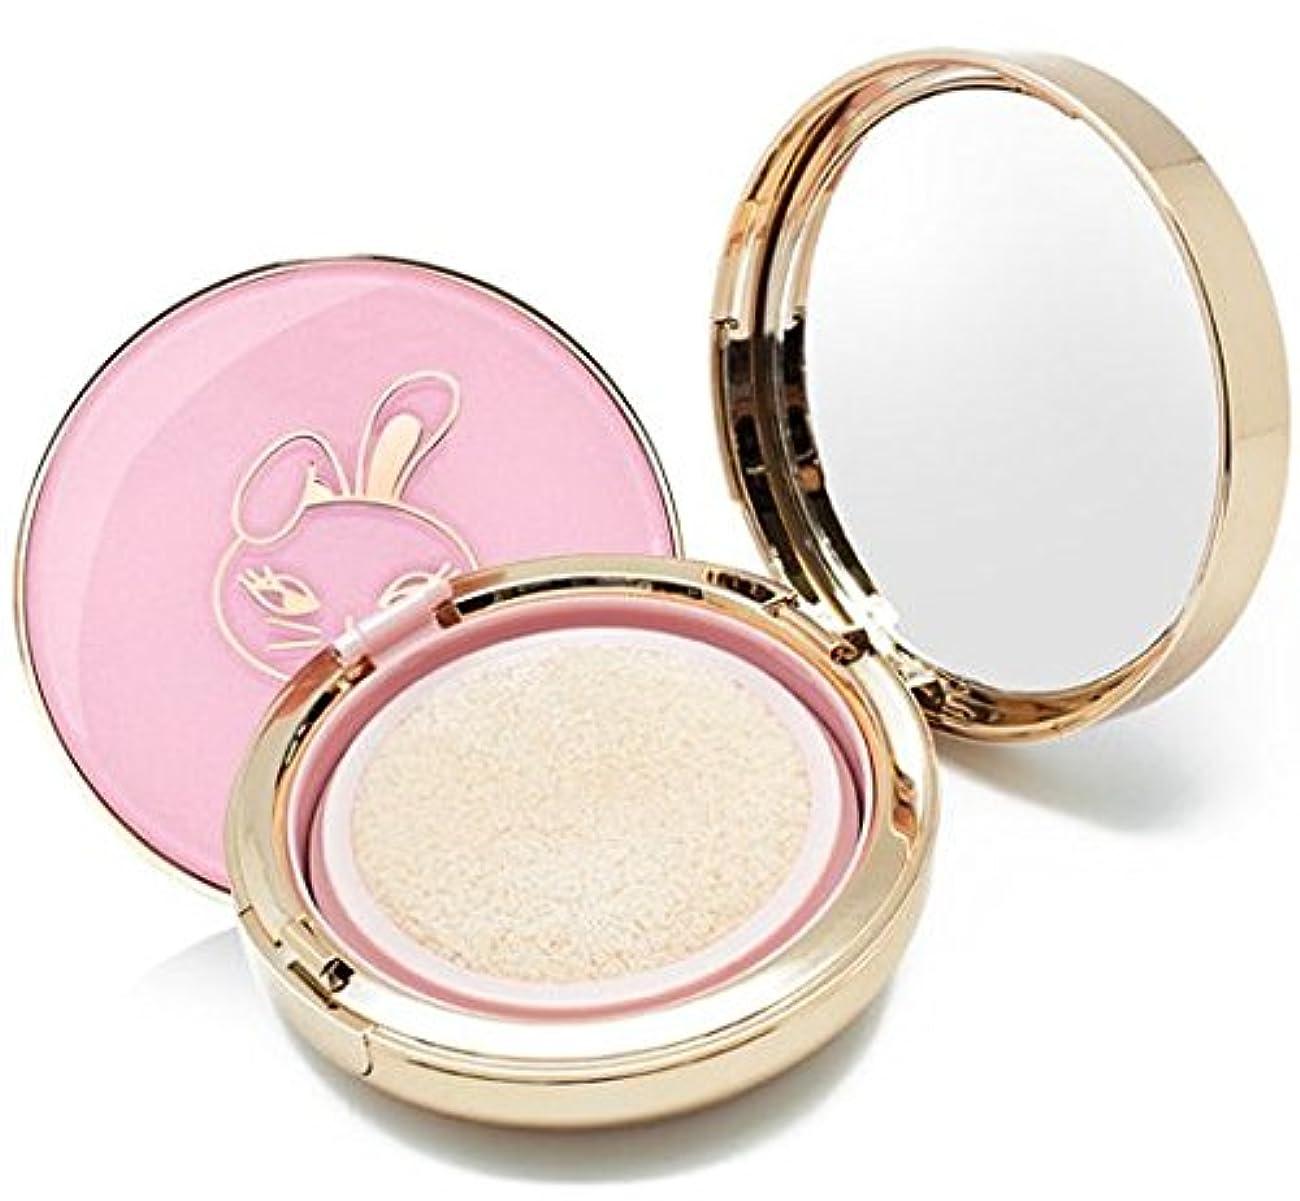 注意少ない元のKD シュシュペイント X ヴァント 36.5 キッズ サンクッション (ShuShu×VANTコラボ) UV ポンポン 子供用化粧品 女の子 プレゼント